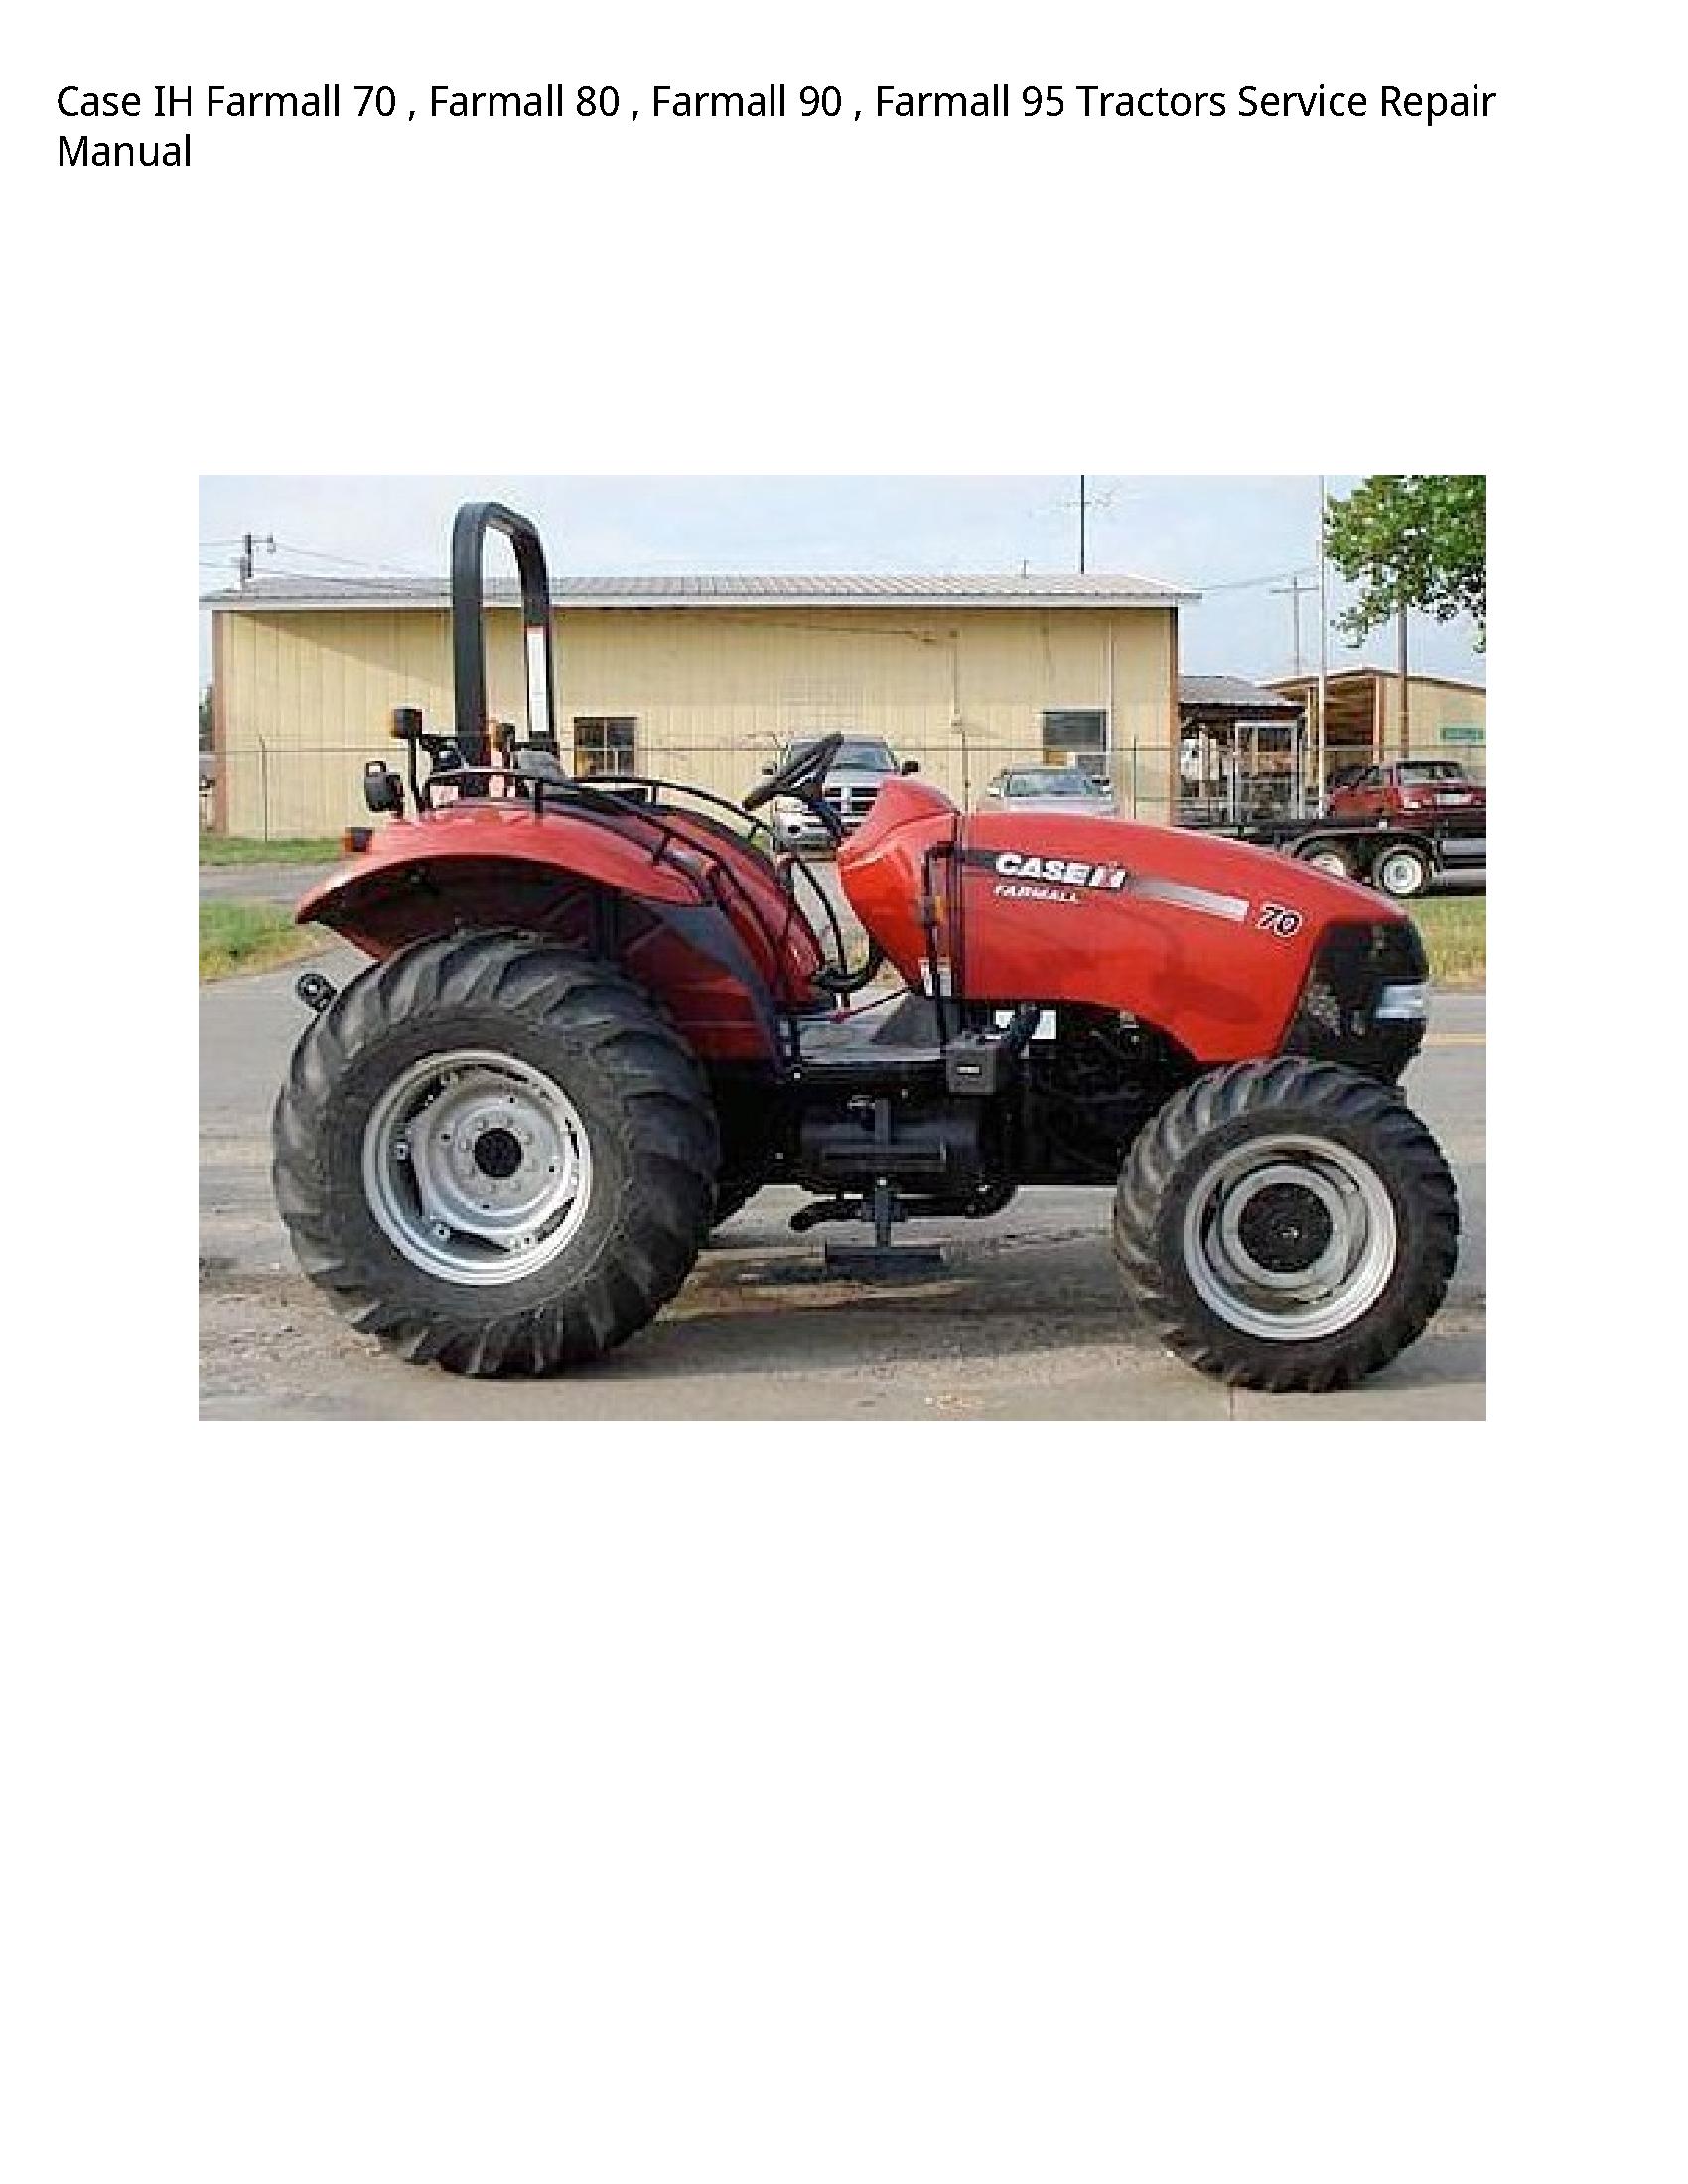 Case/Case IH 70 IH Farmall Farmall Farmall Farmall Tractors manual